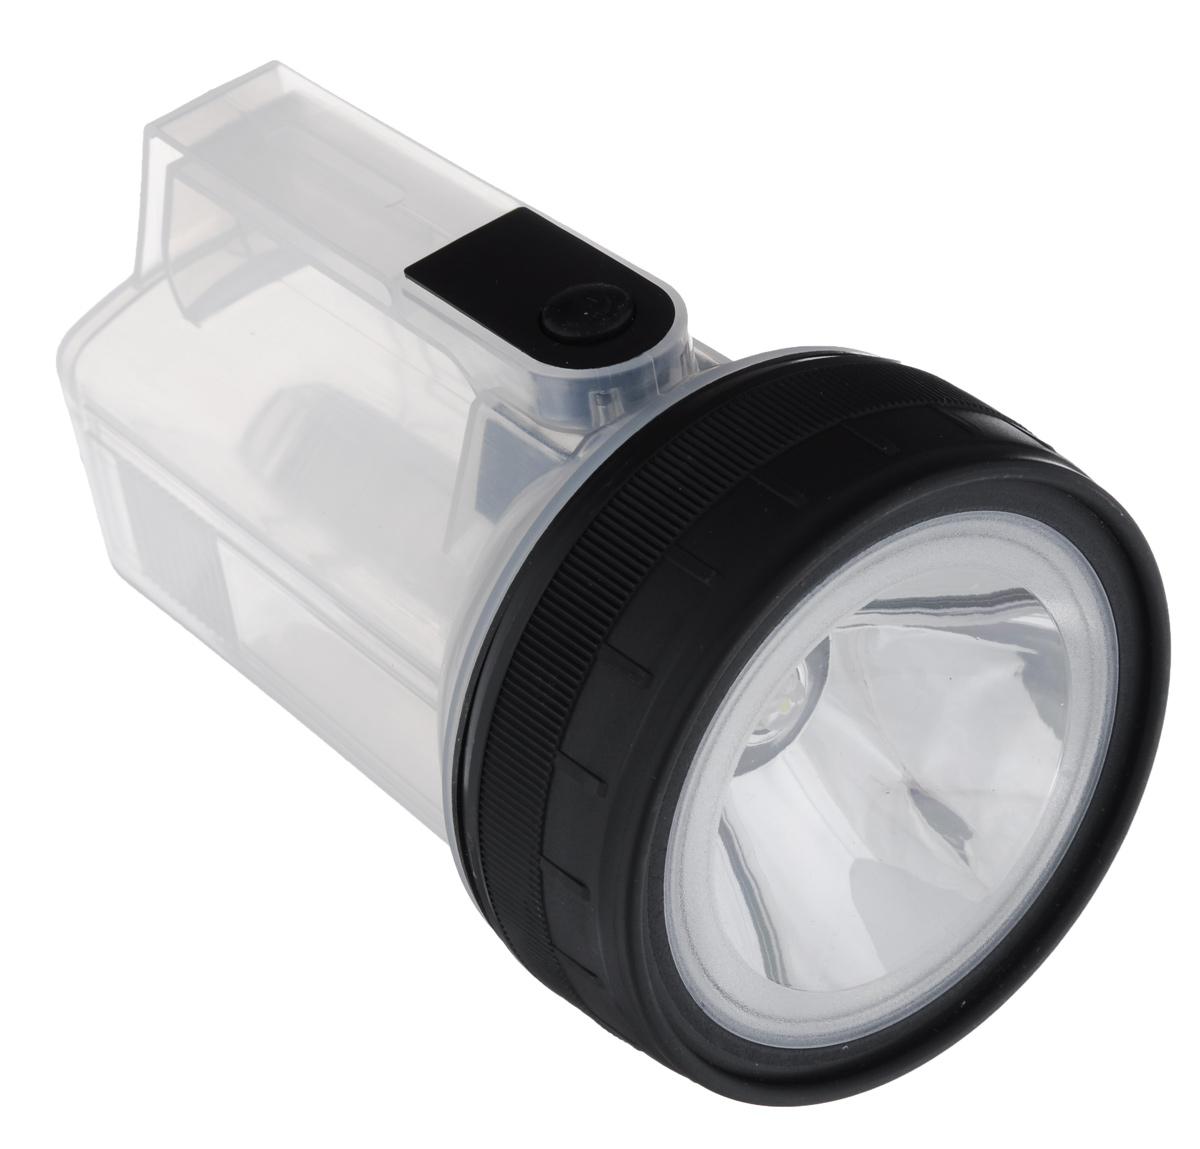 Фонарь ручной ЭРА F15, цвет: черный, серый фонарь эра wla48 автомобильный